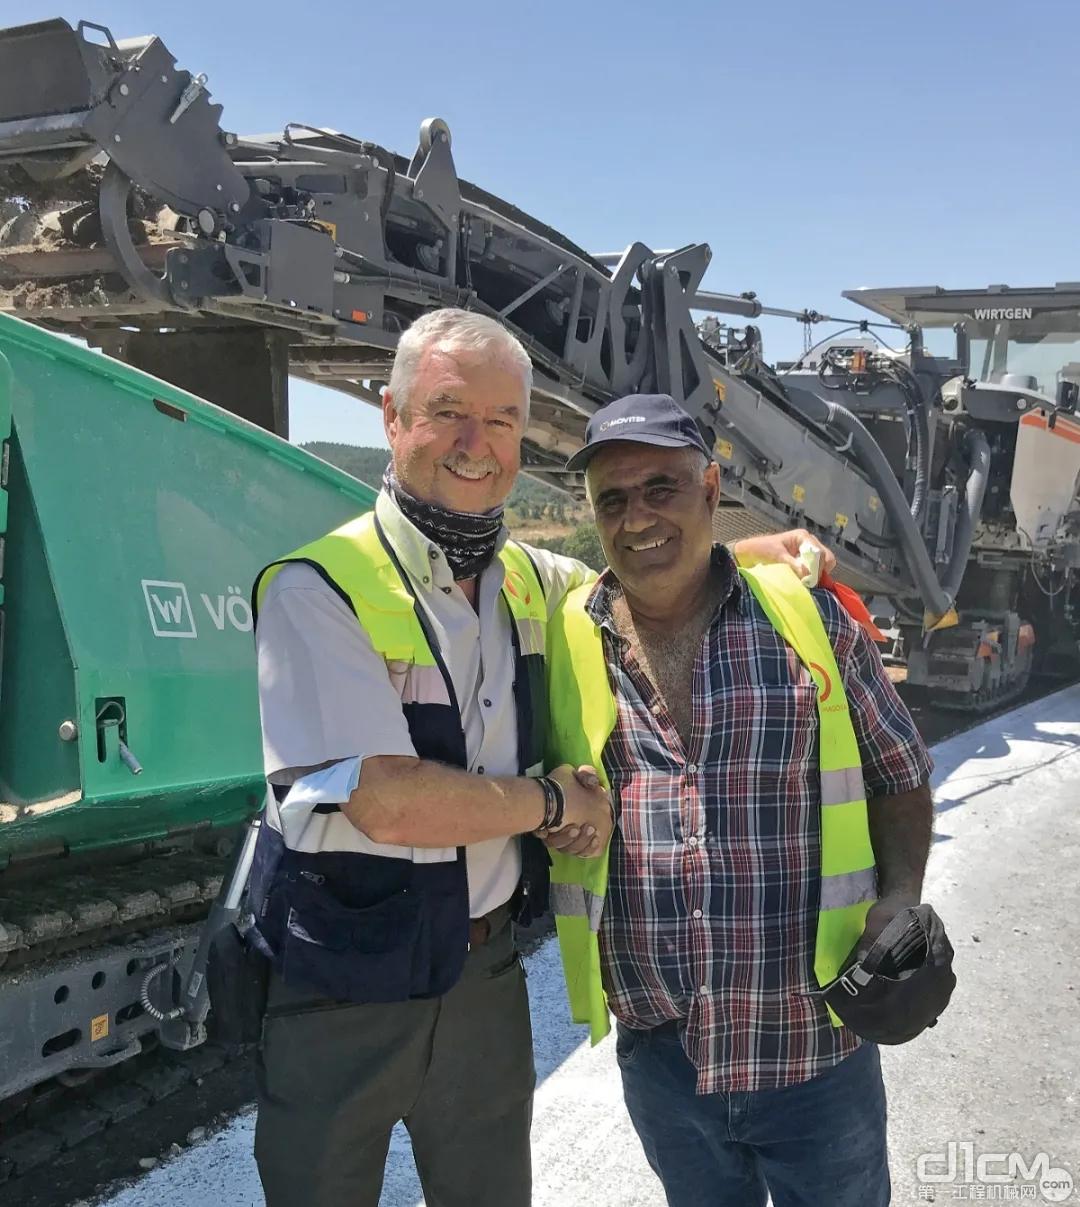 来自施工单位 Pragosa 的领班 Pedro Silva 先生以及维特根的再生专家 Mike Marshall 先生(左)一致认为,使用 W 380 CR 进行就地冷再生施工既快速又经济。